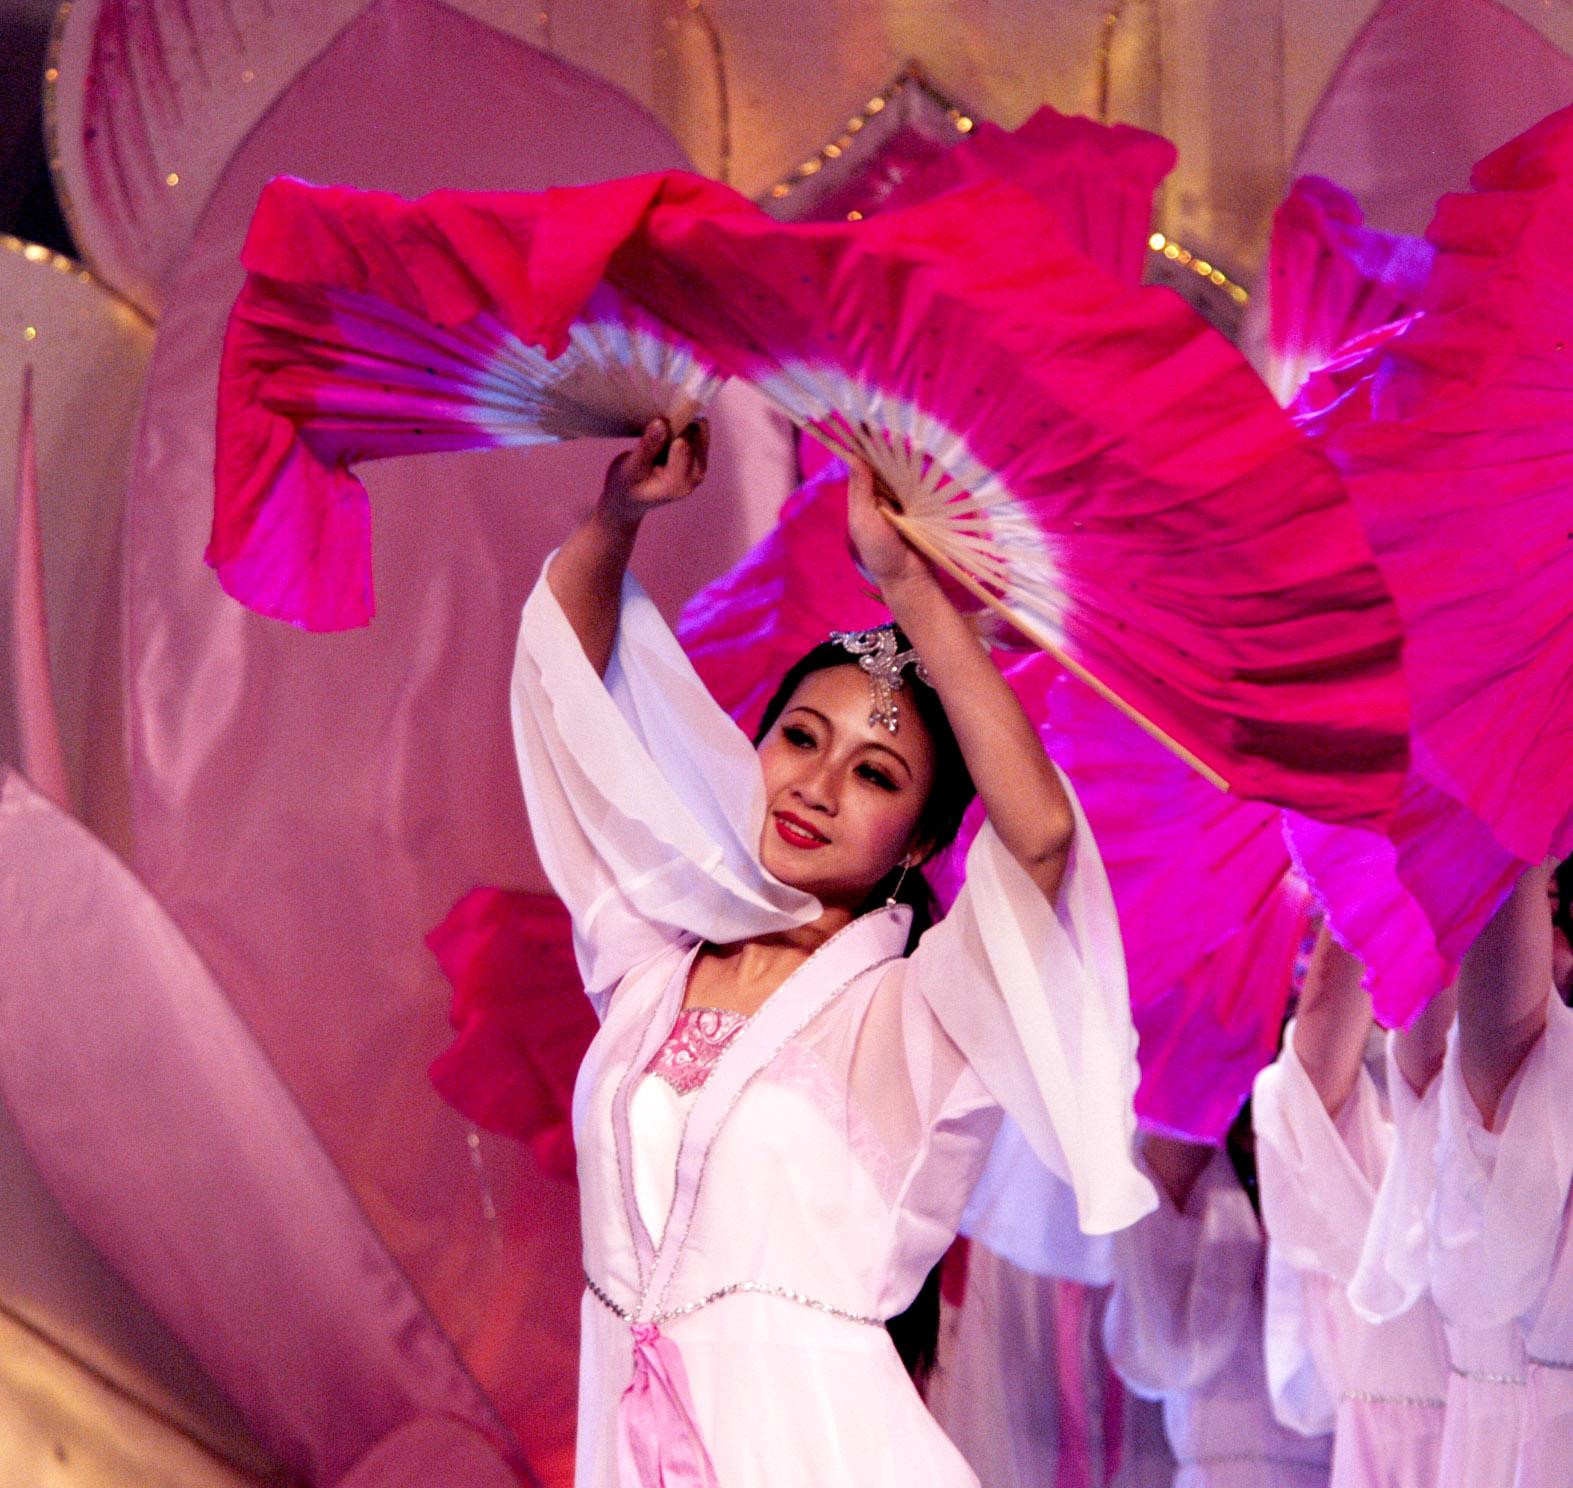 Am Aschermittwoch feiern Chinesen ihr Neujahr